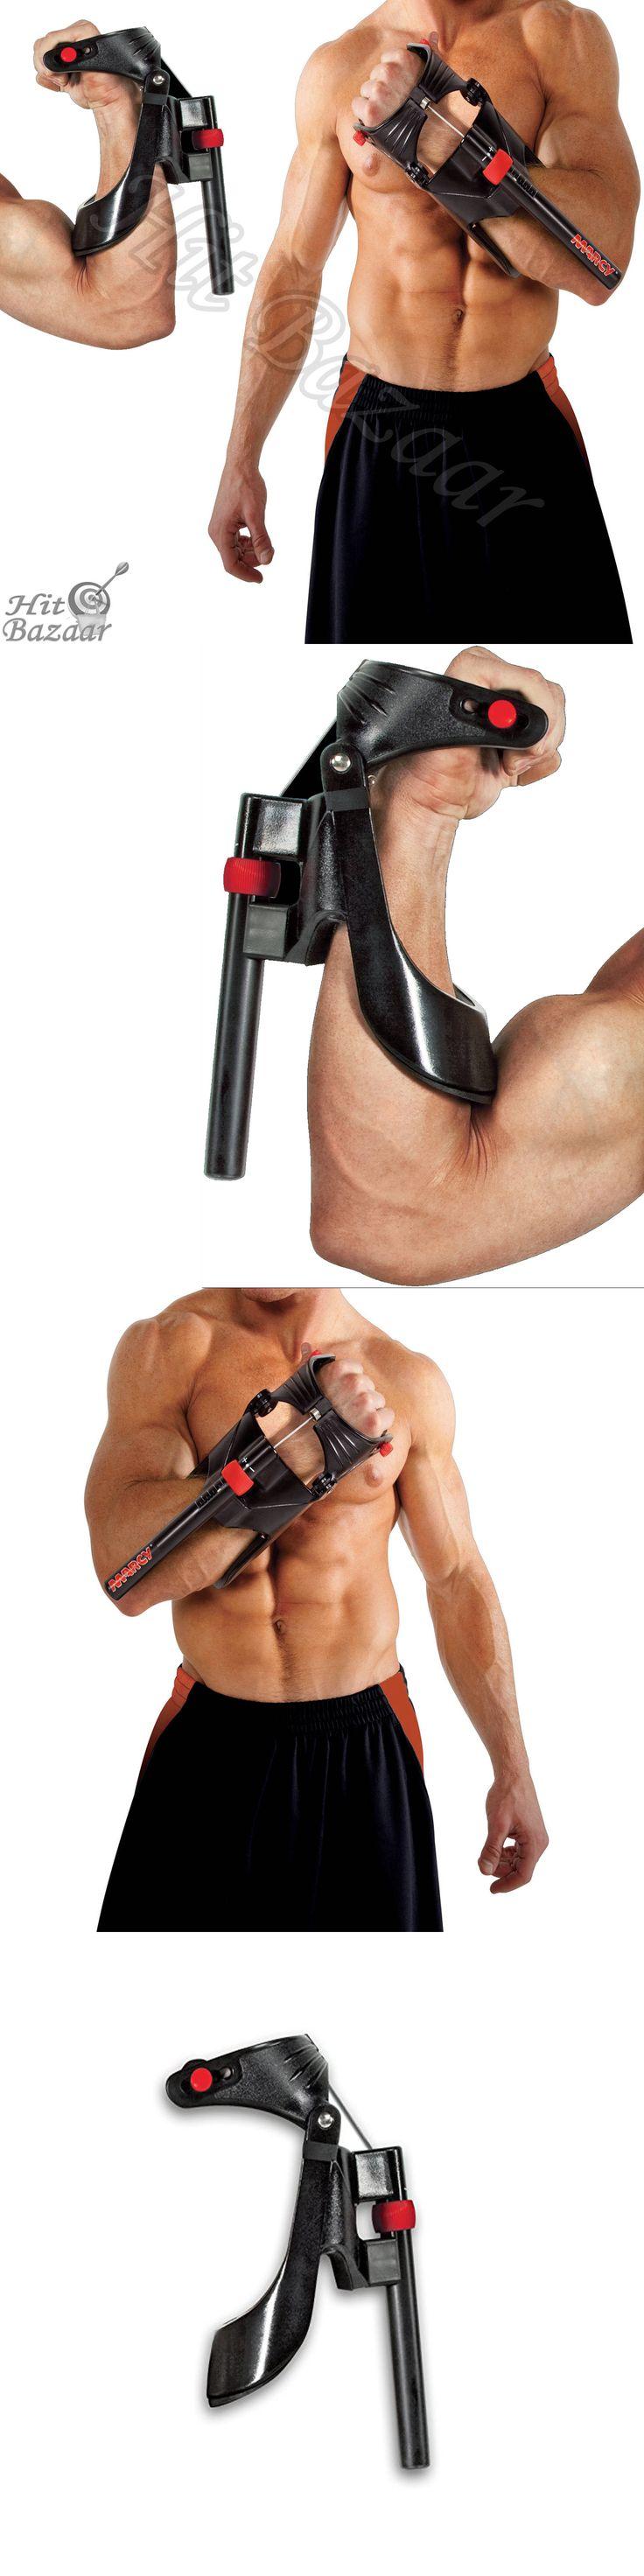 Mussel clipart muscular strength #4